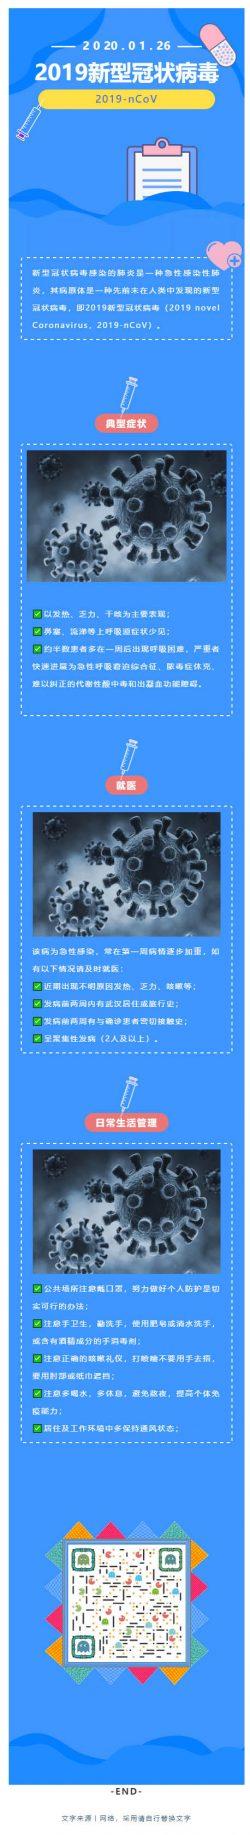 武汉新型冠状病毒肺炎微信模板公众号推送文章素材推文